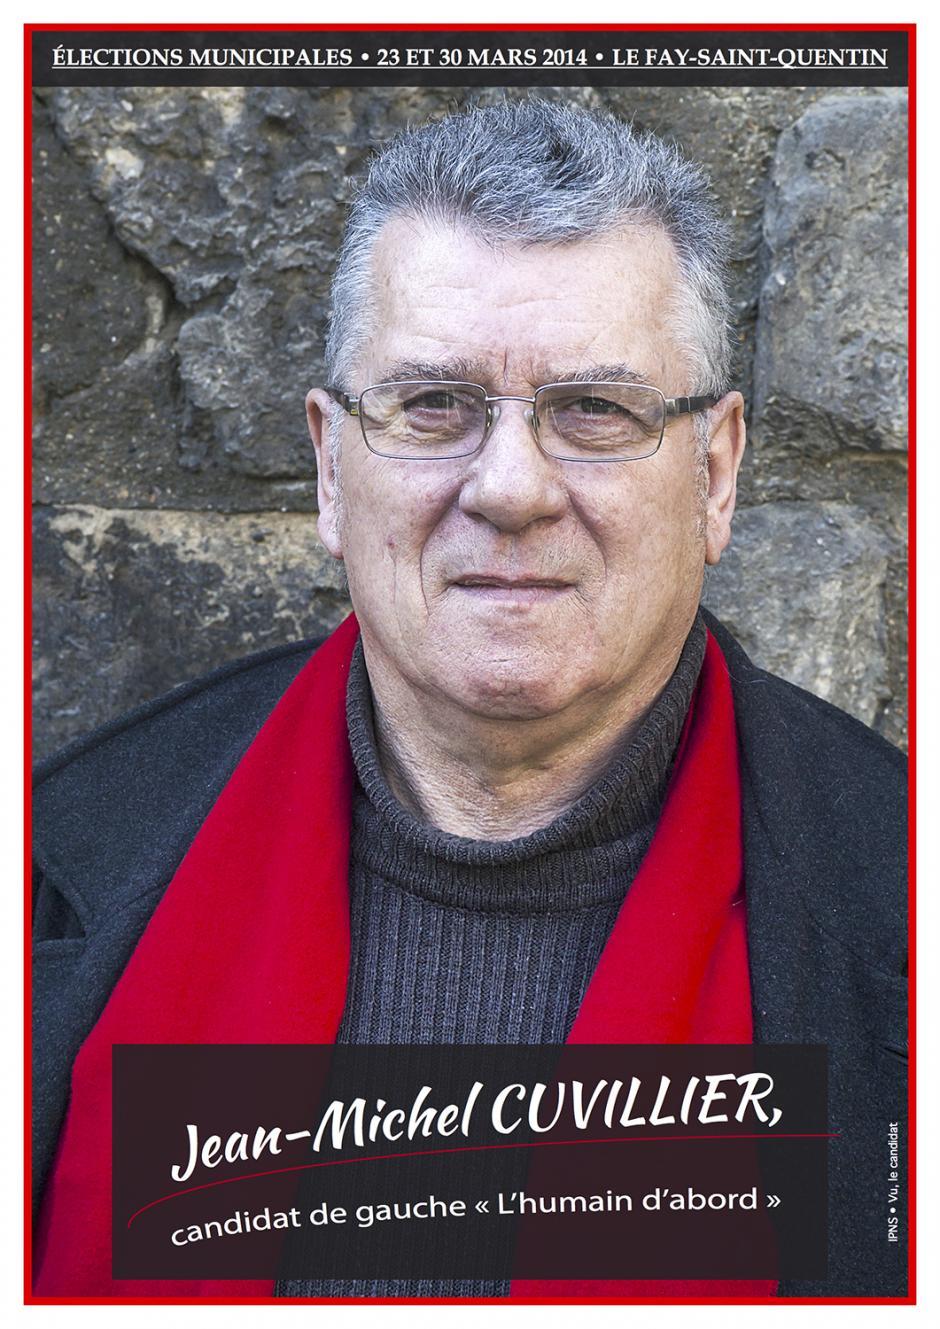 Élections municipales 2014 • Le Fay-Saint-Quentin • Jean-michel Cuvillier, candidat de gauche « l'humain d'abord »